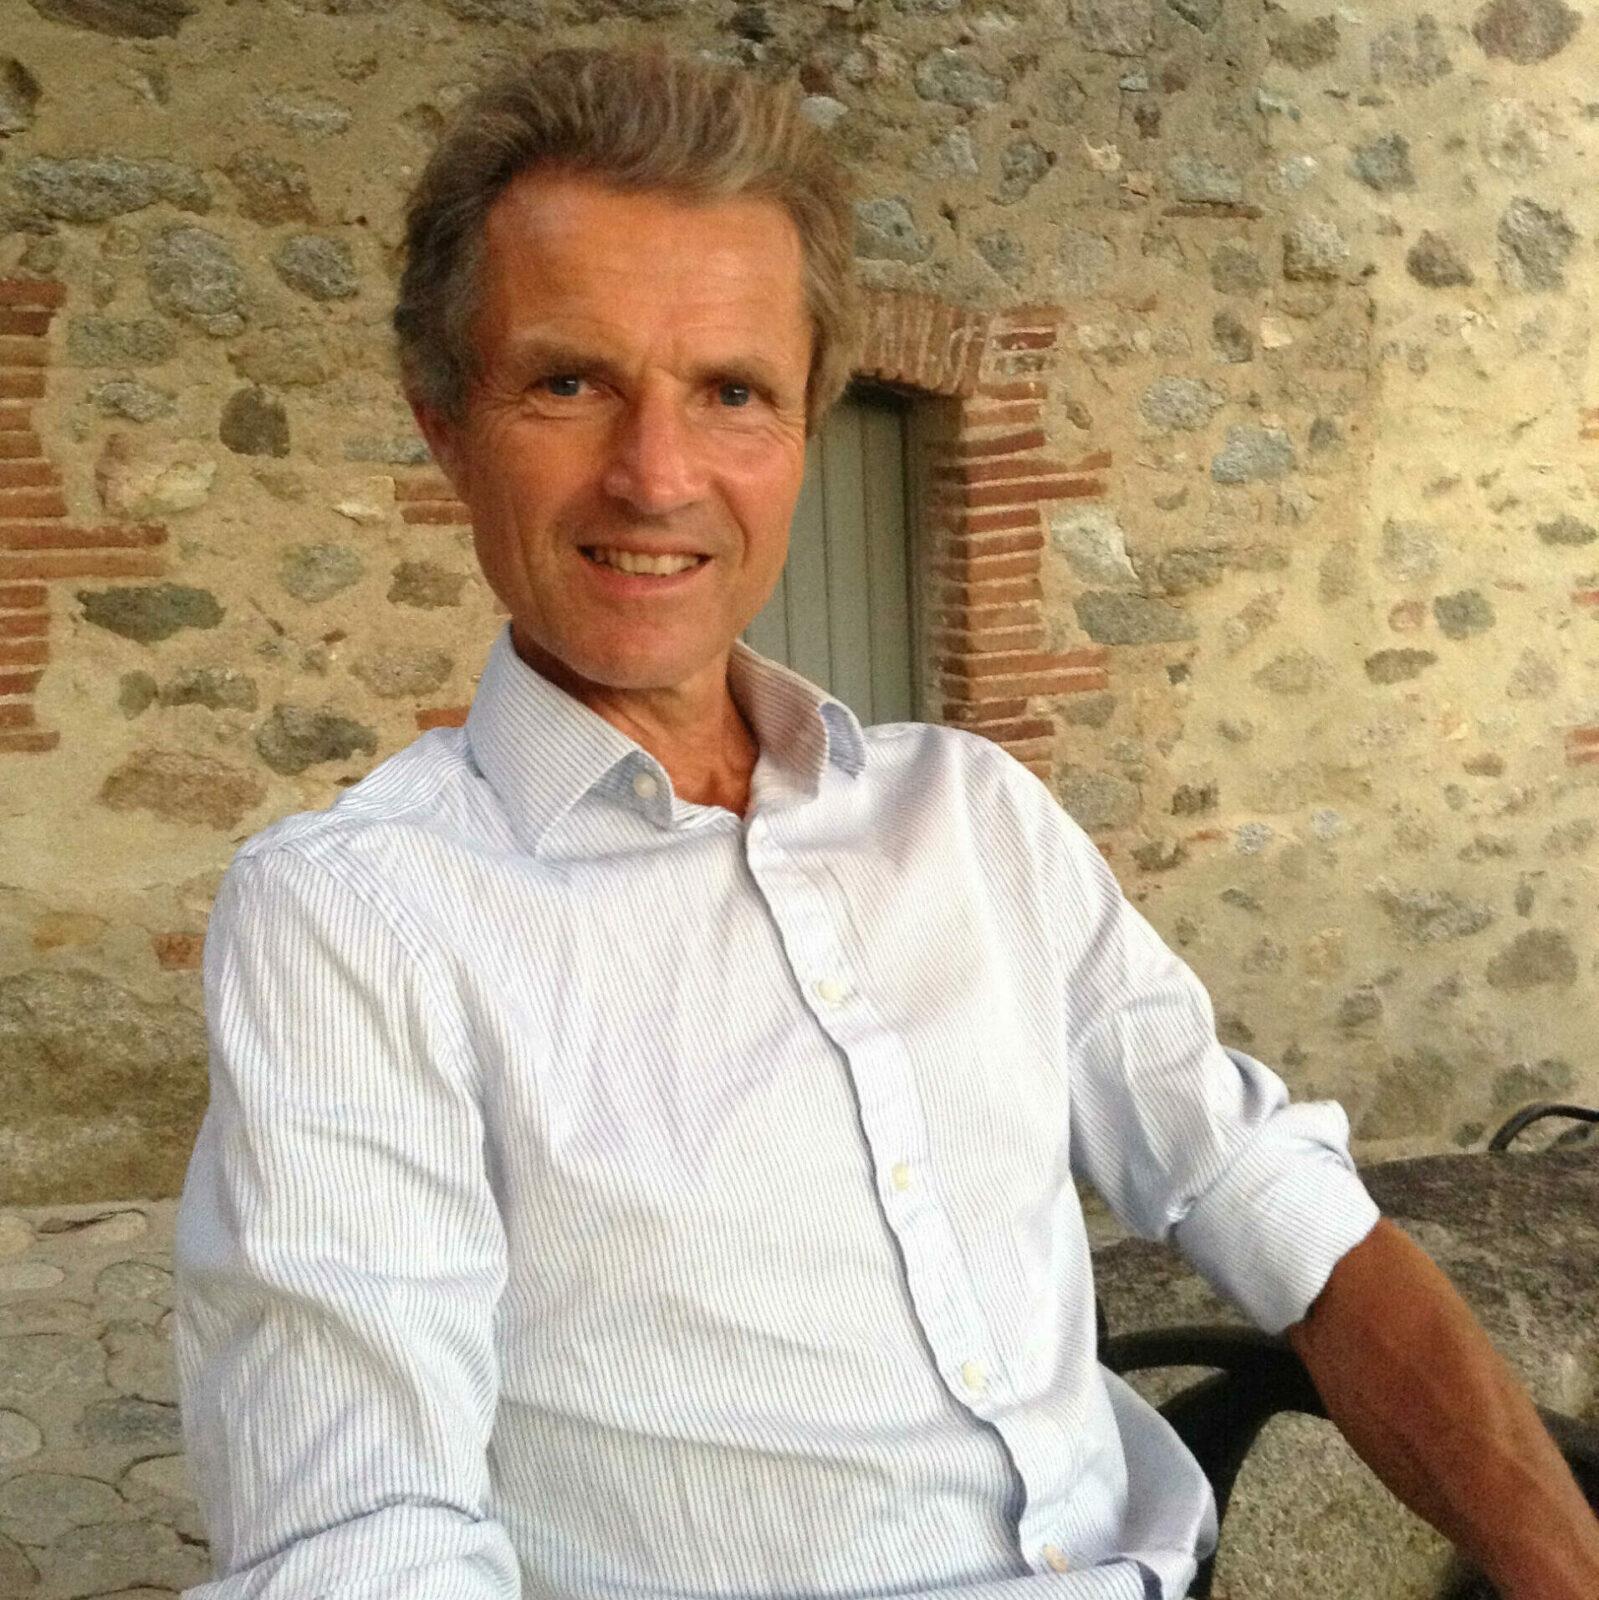 David Lorimer, MA, PGCE, FRSA